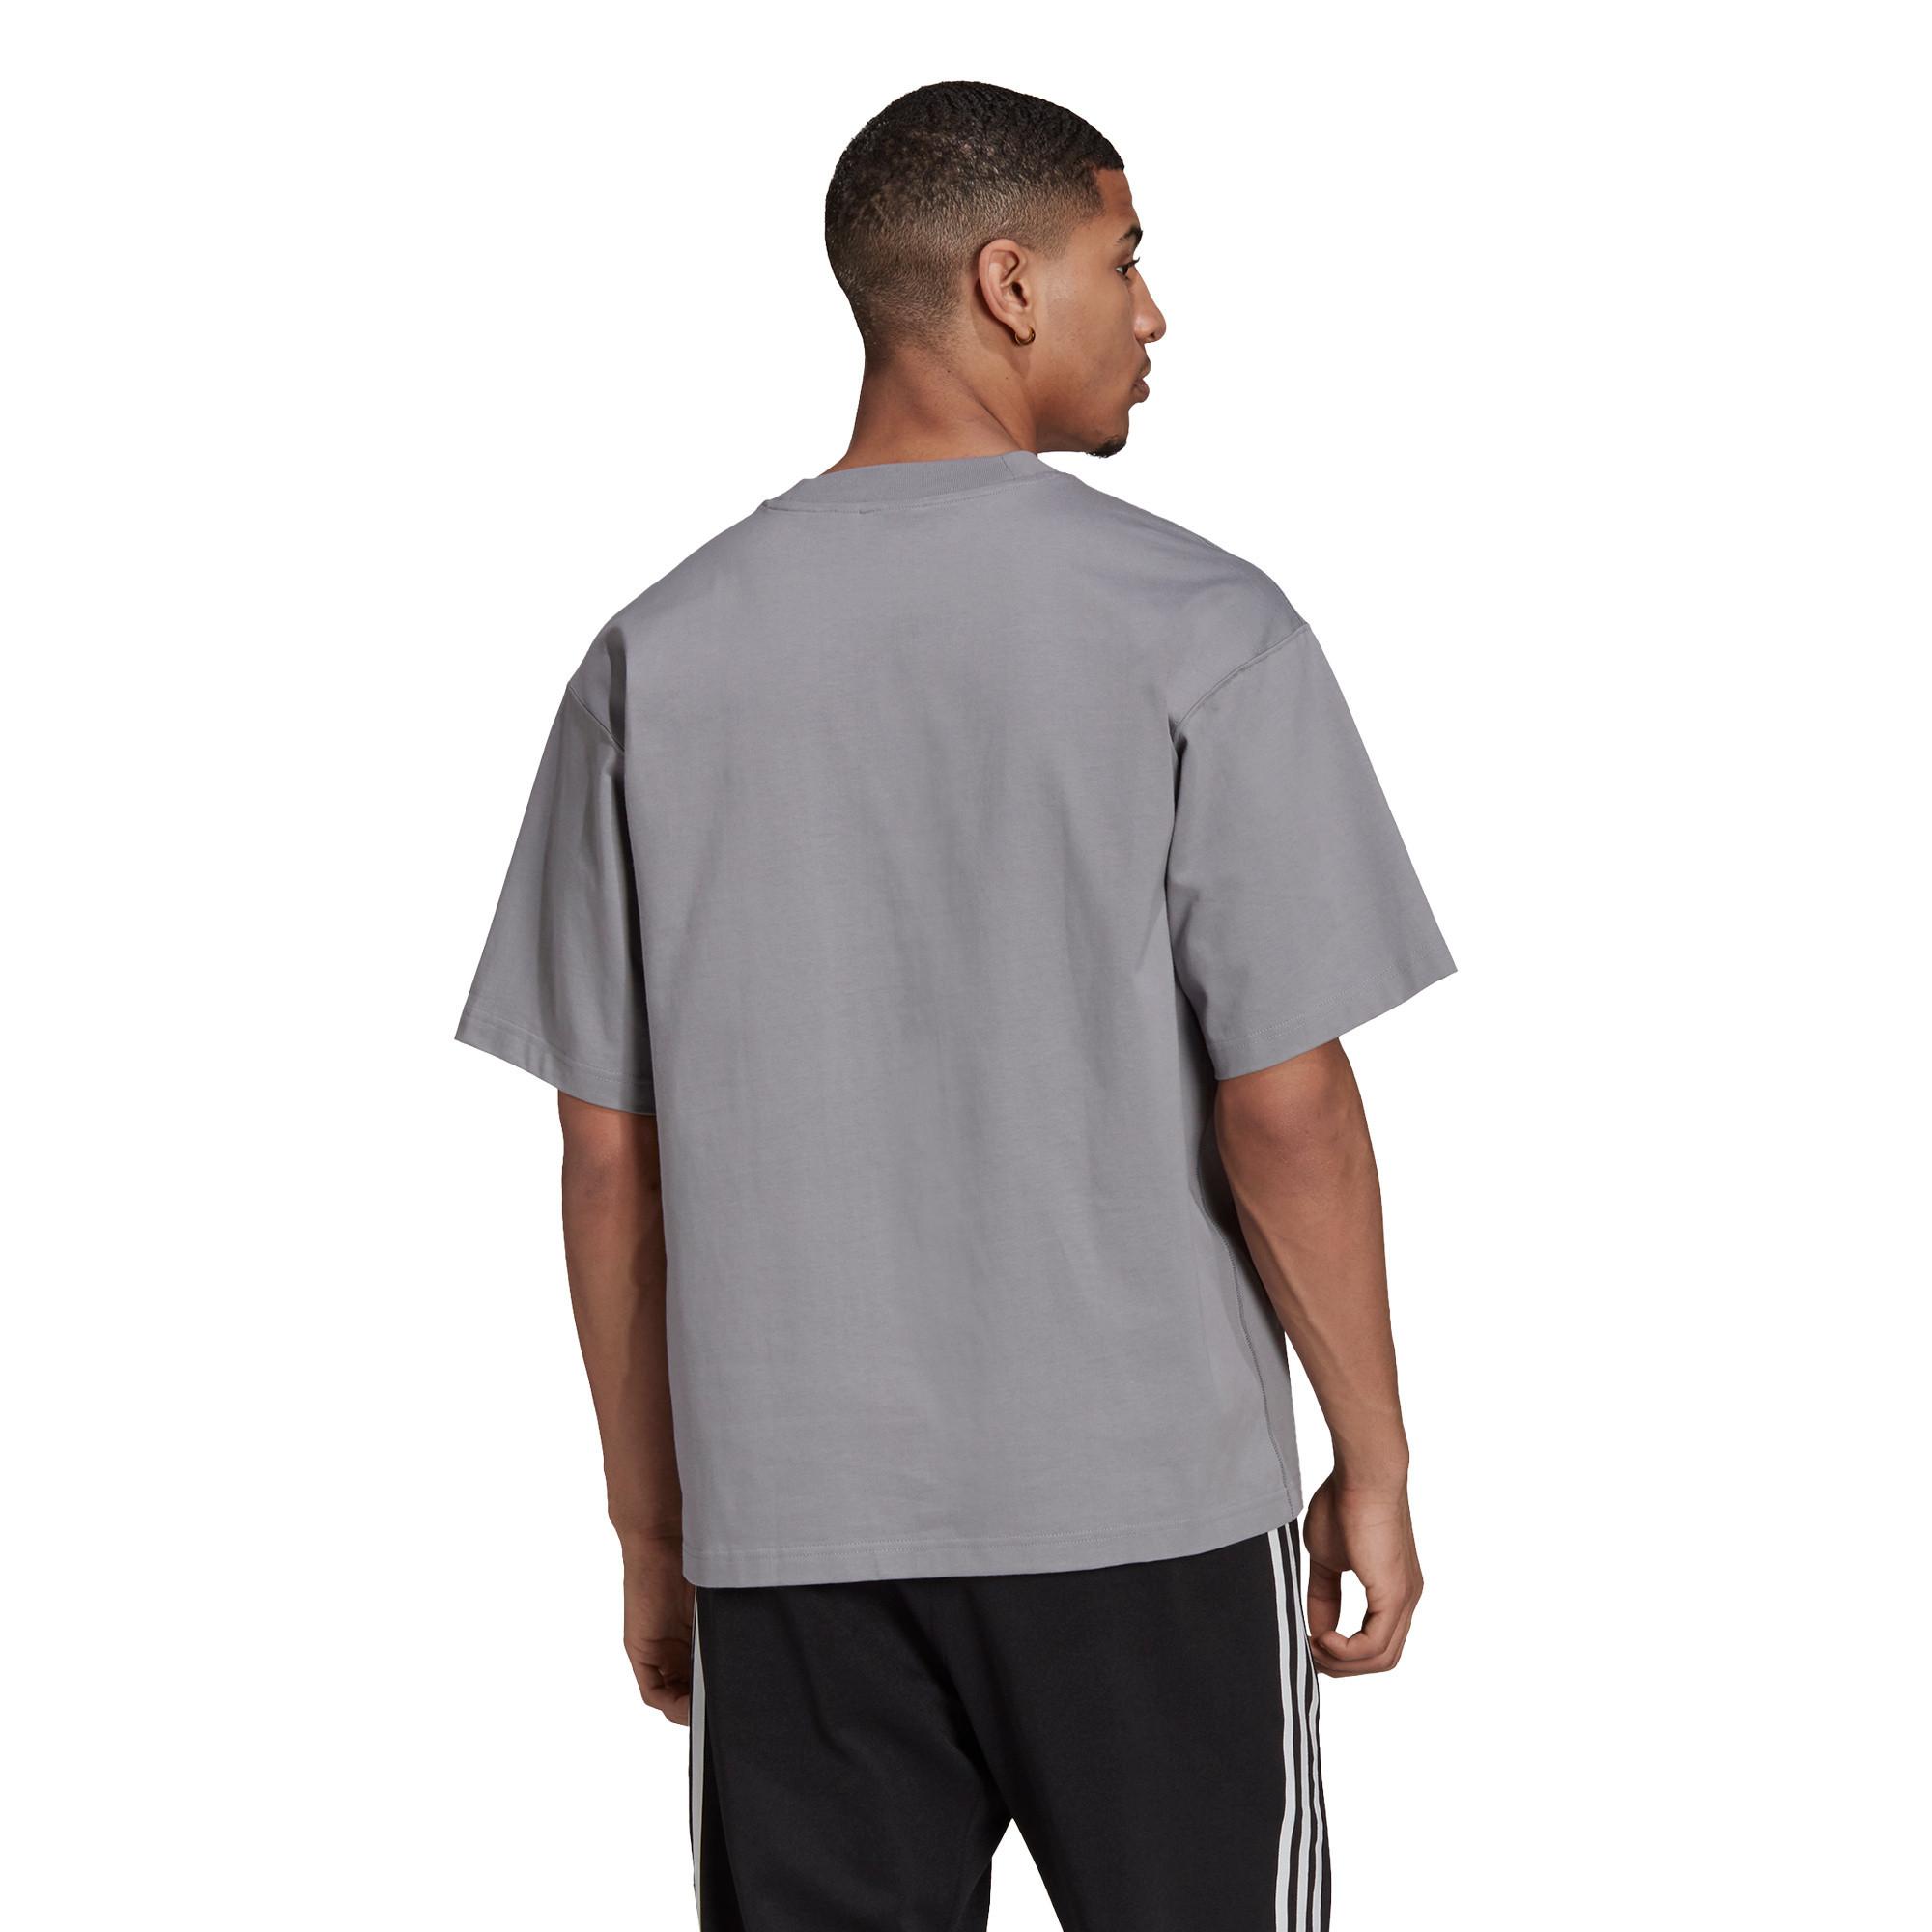 T-shirt uomo adicolor Trefoil, Grigio, large image number 1